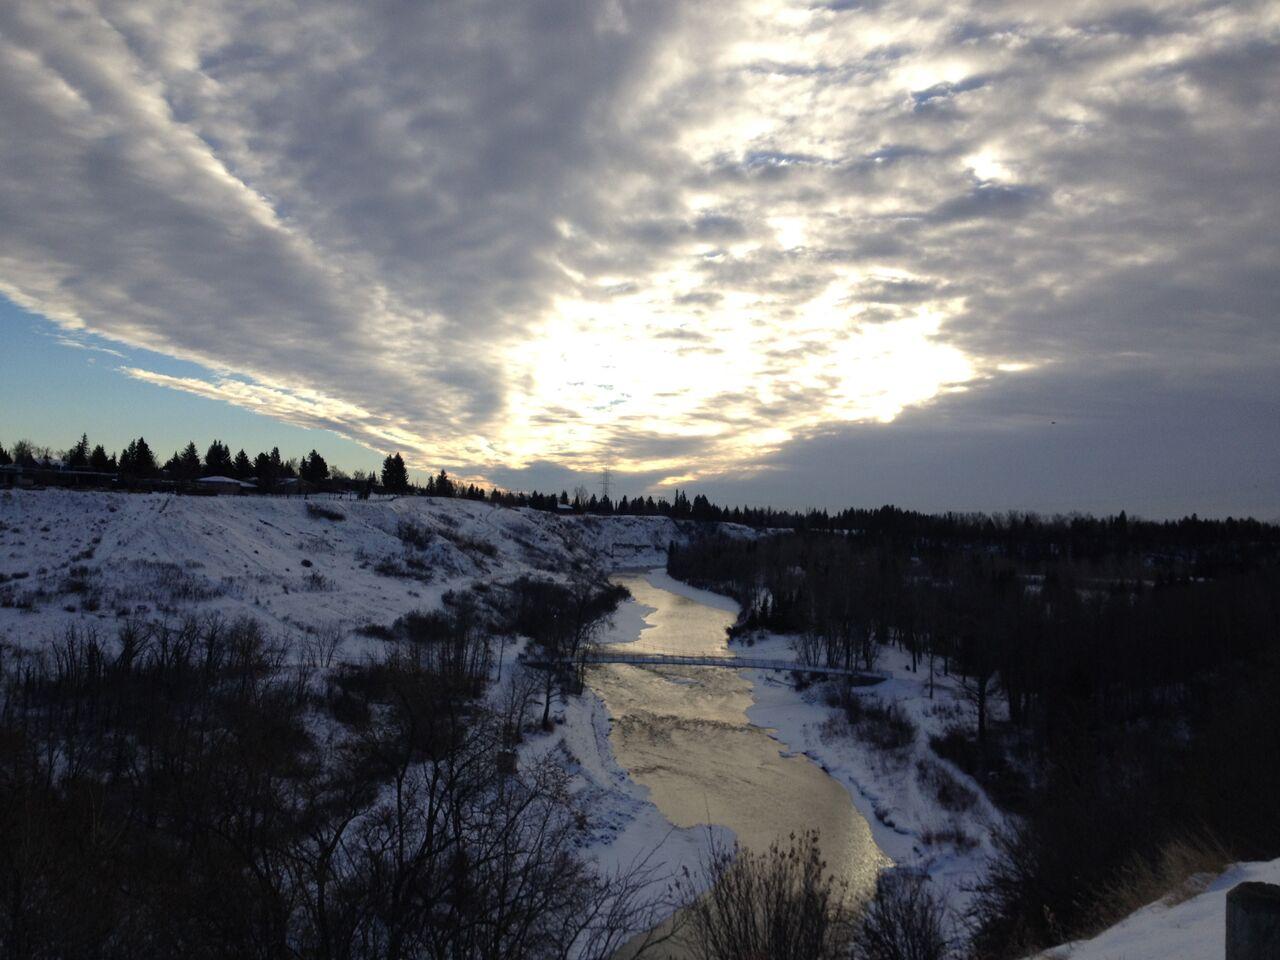 Morning Reflection, Elbow River, Calgary